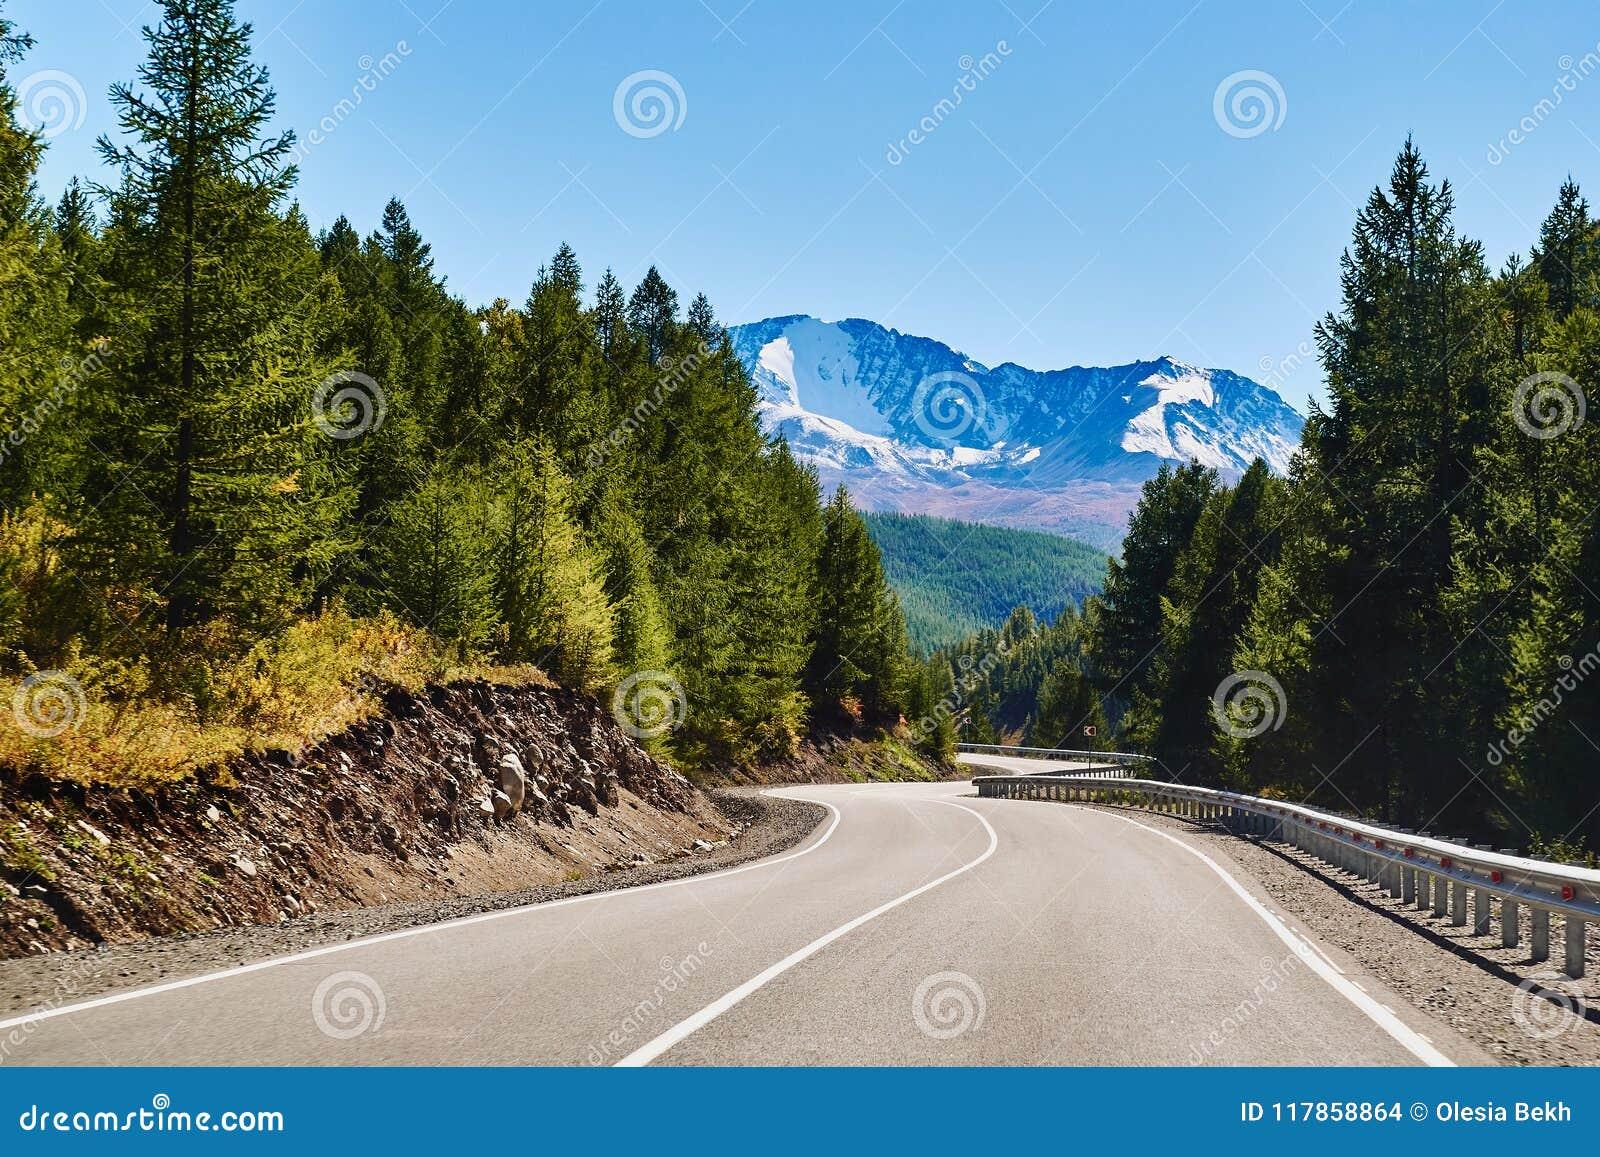 De weg door bos wordt omringd leidt tot de snow-covered noorden-Chuya waaier van de Altai-bergen, Siberië, Rusland dat